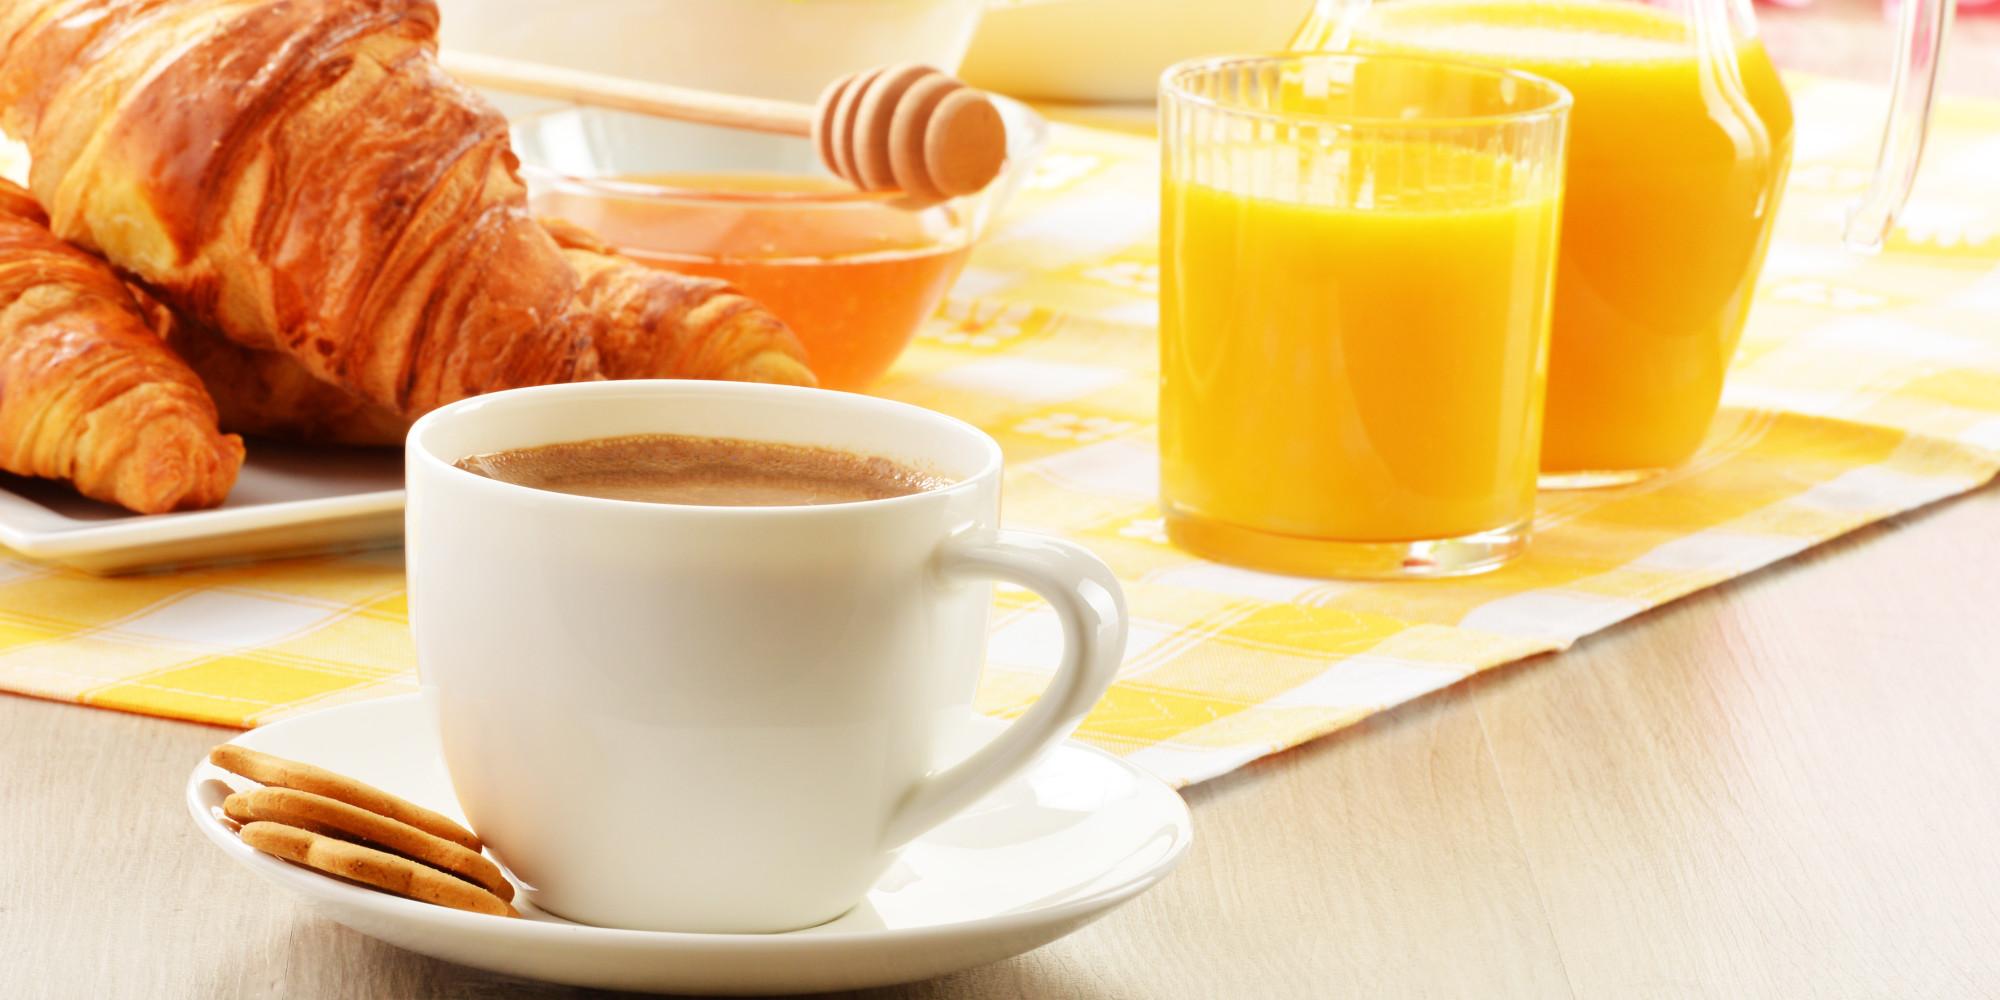 petit d jeuner 7 conseils de choses faire avant de boire son caf. Black Bedroom Furniture Sets. Home Design Ideas